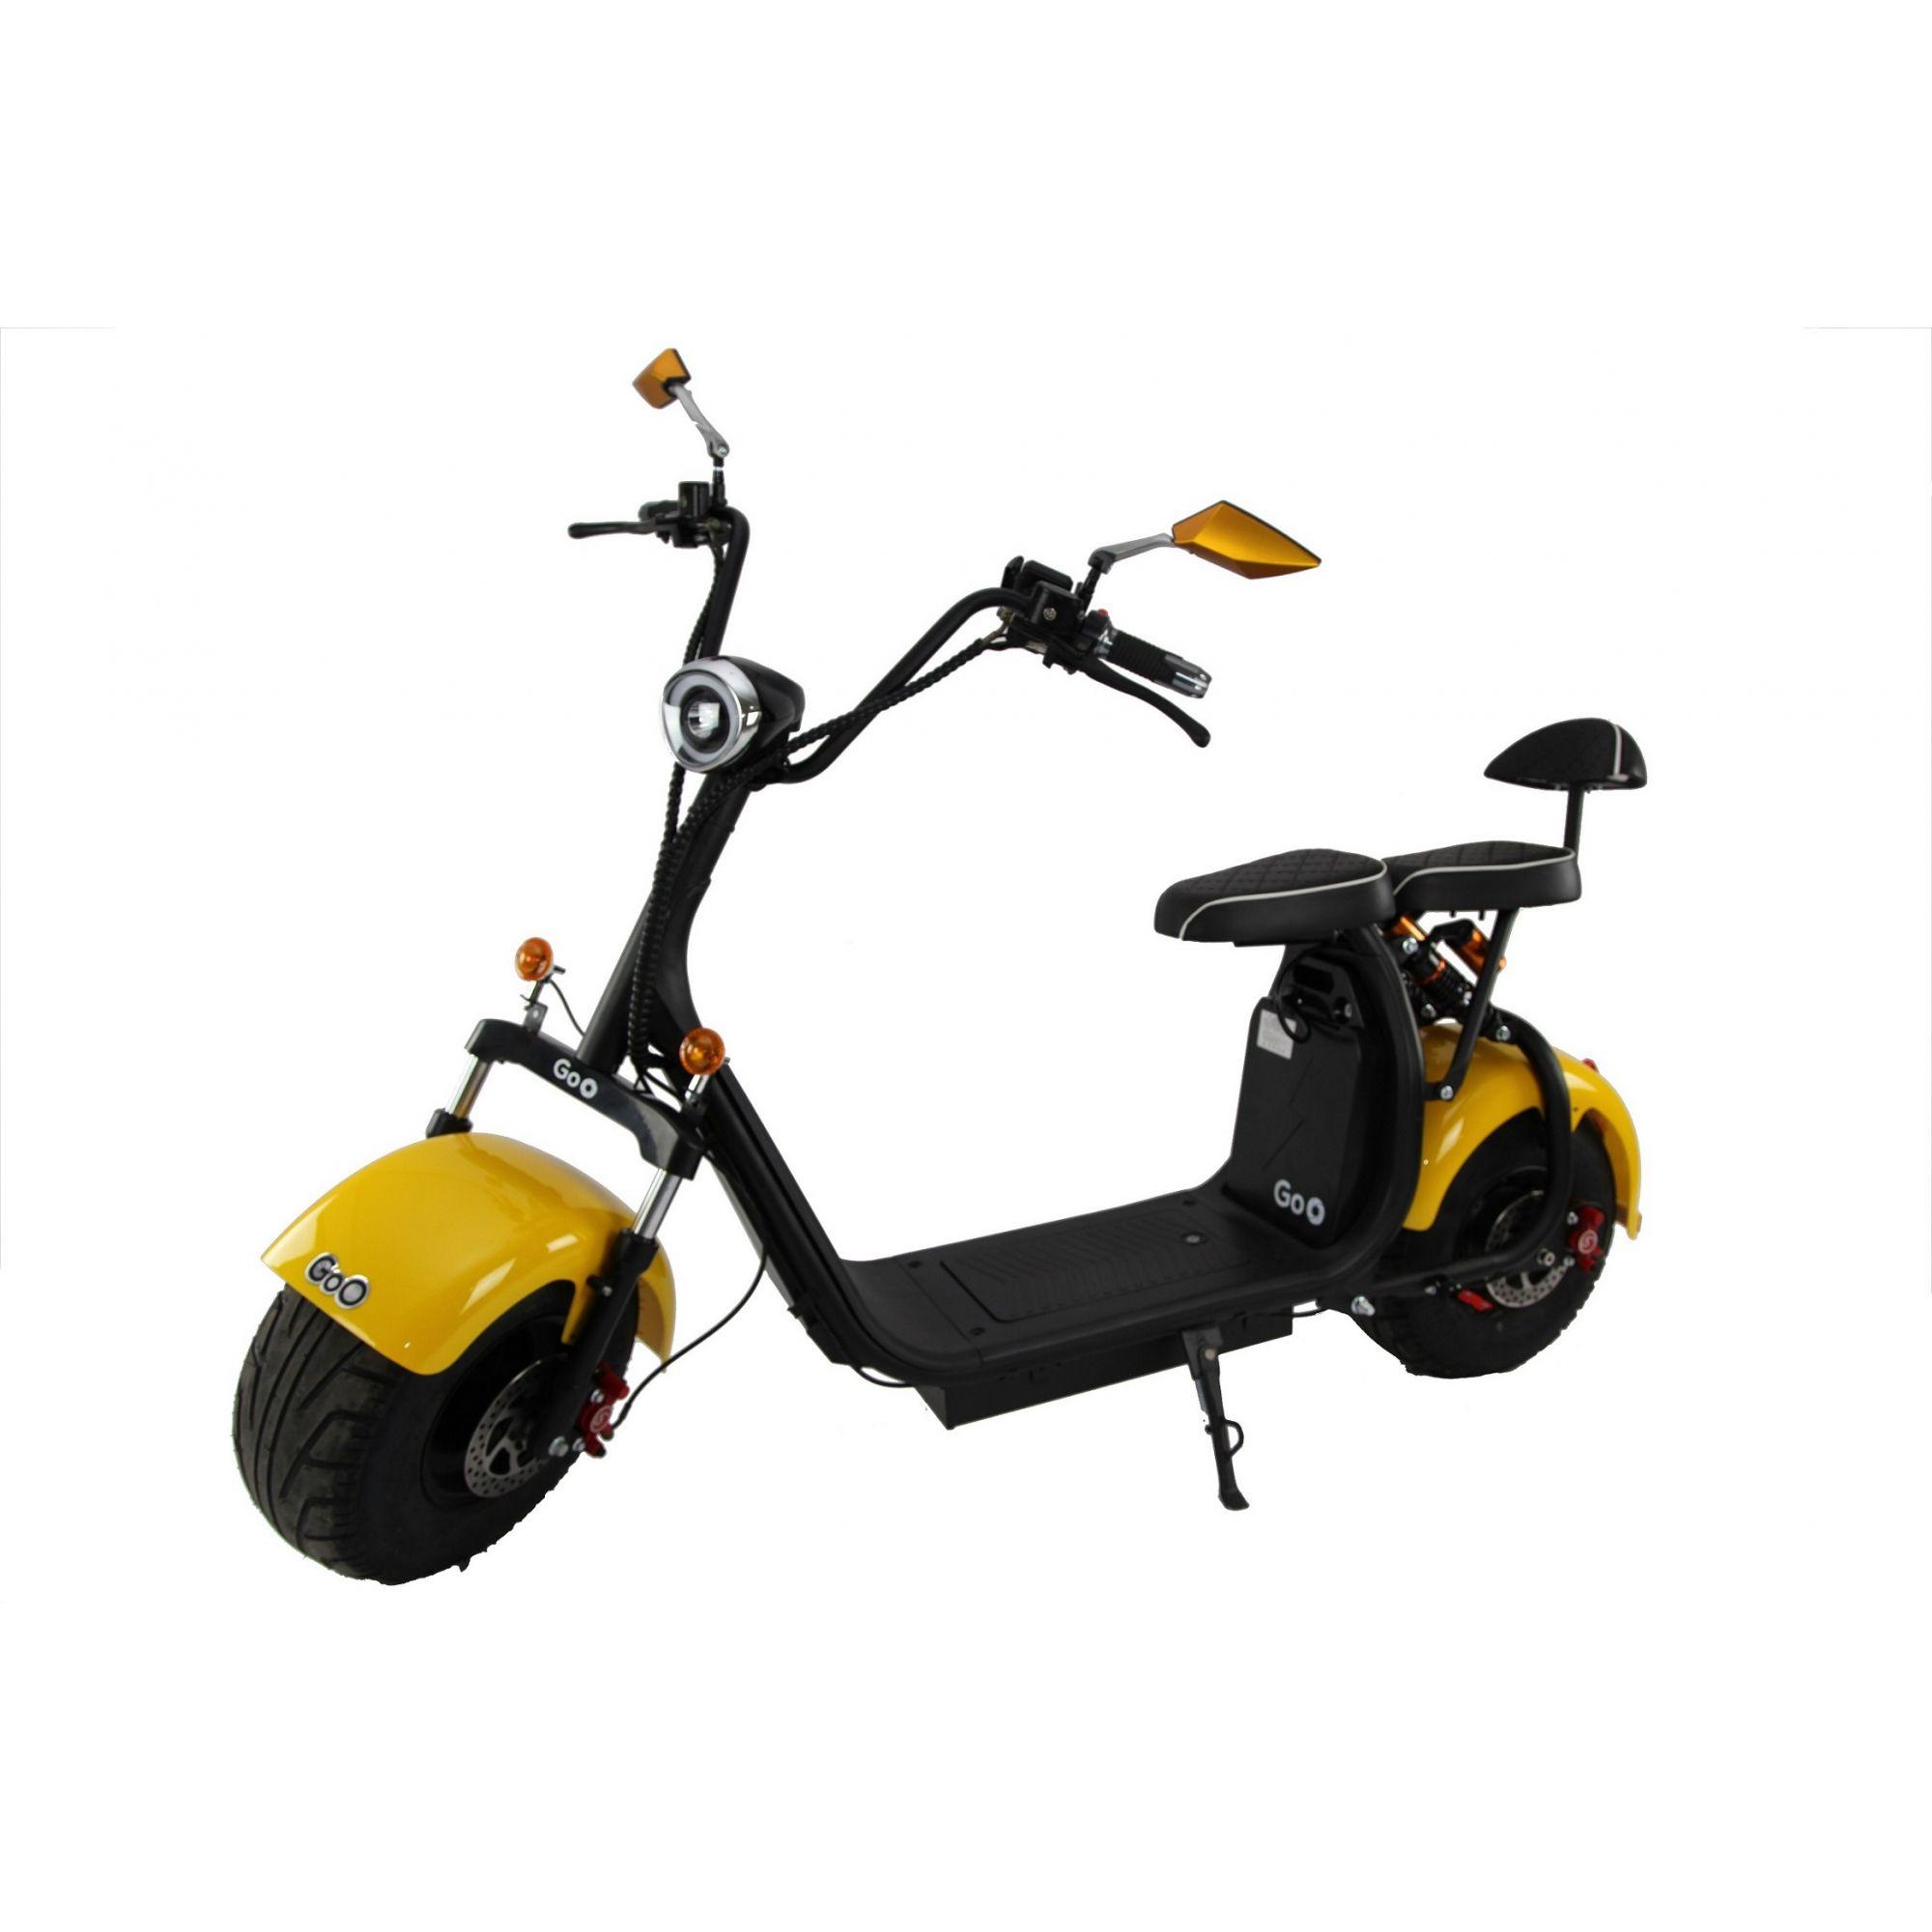 Scooter elétrica citycoco X7 1500W com bateria 12Ah